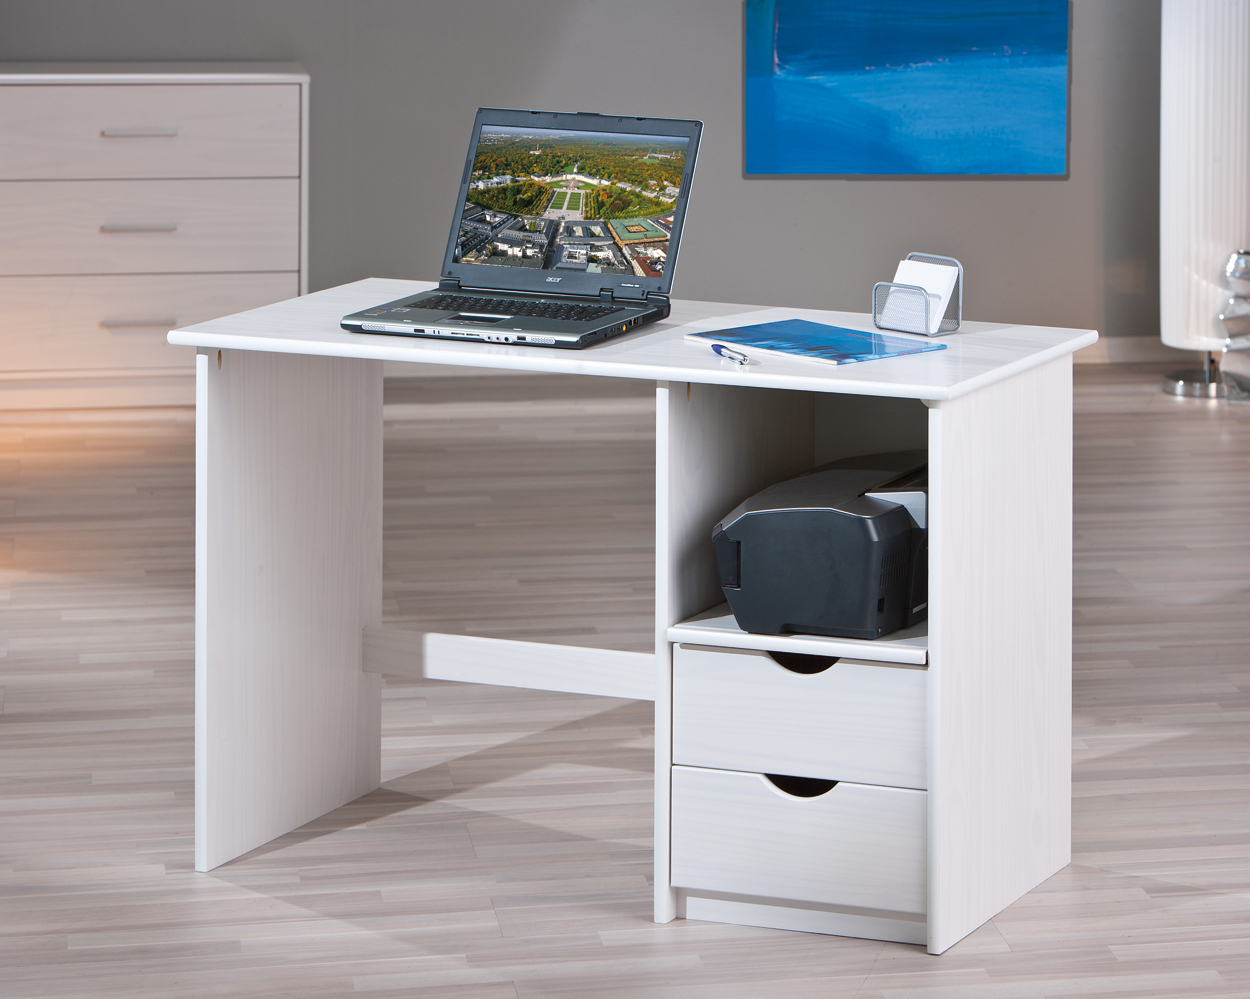 Scrivania moderna turen porta computer per ufficio studio